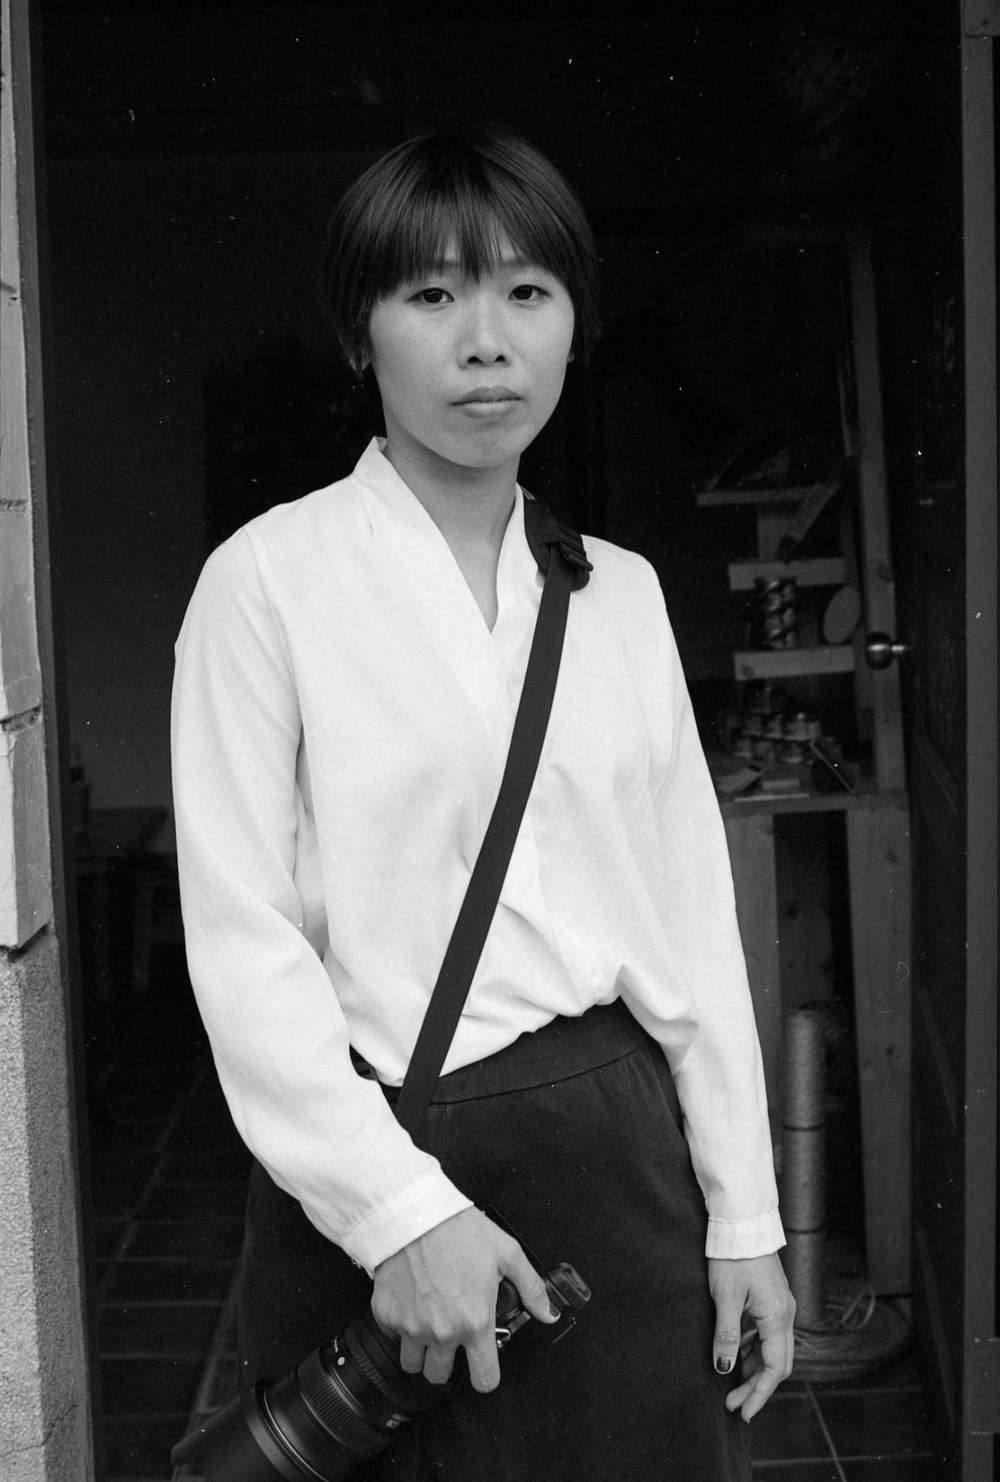 ZONE2 Photographer - Winnie Tsai 阿令